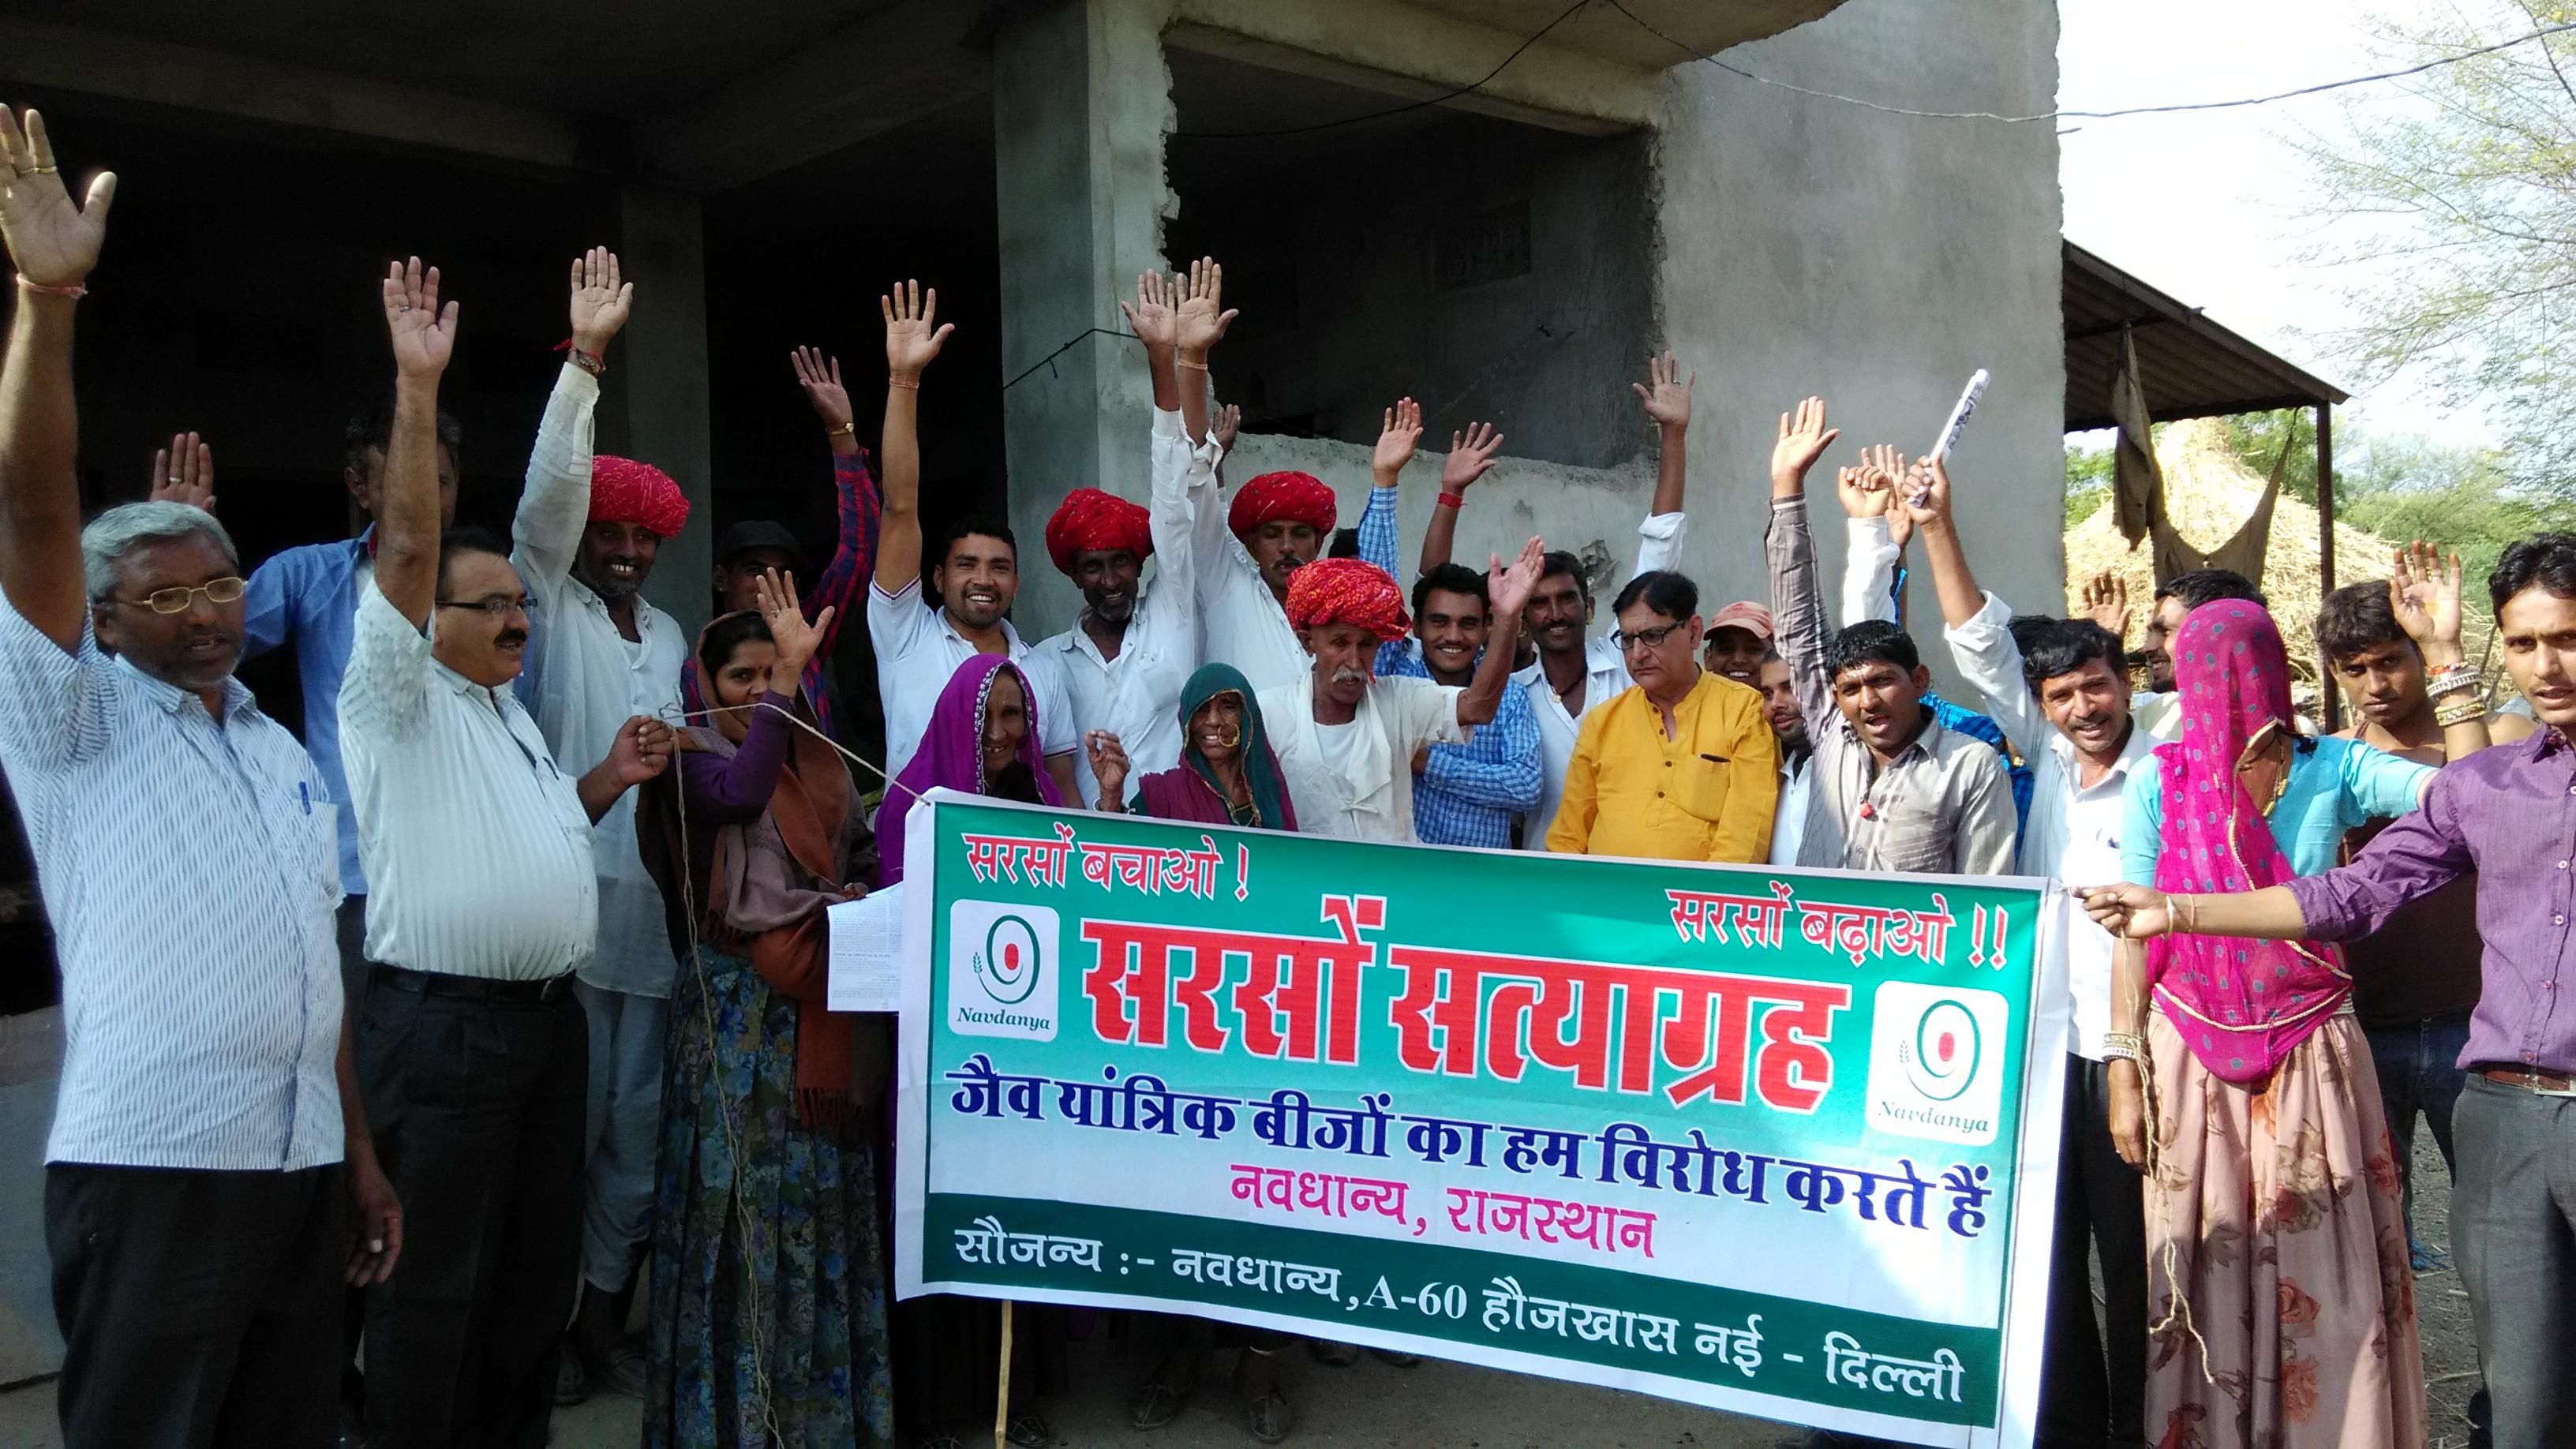 Sarson Satyagraha Actions in Rajasthan